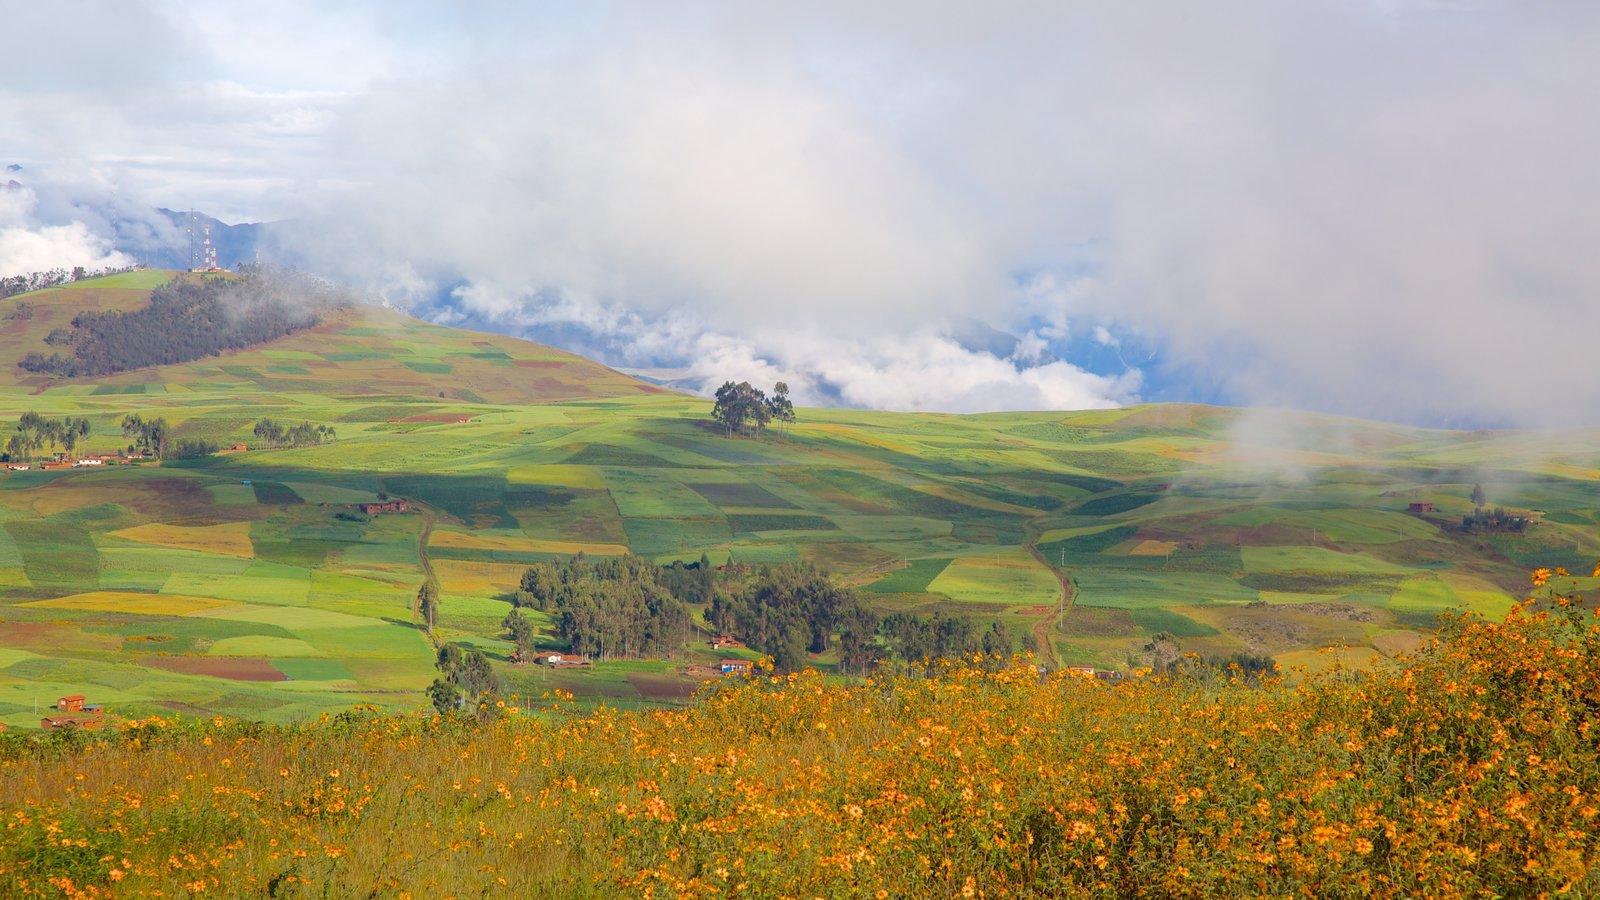 Cusco que inclui flores silvestres, cenas tranquilas e paisagem